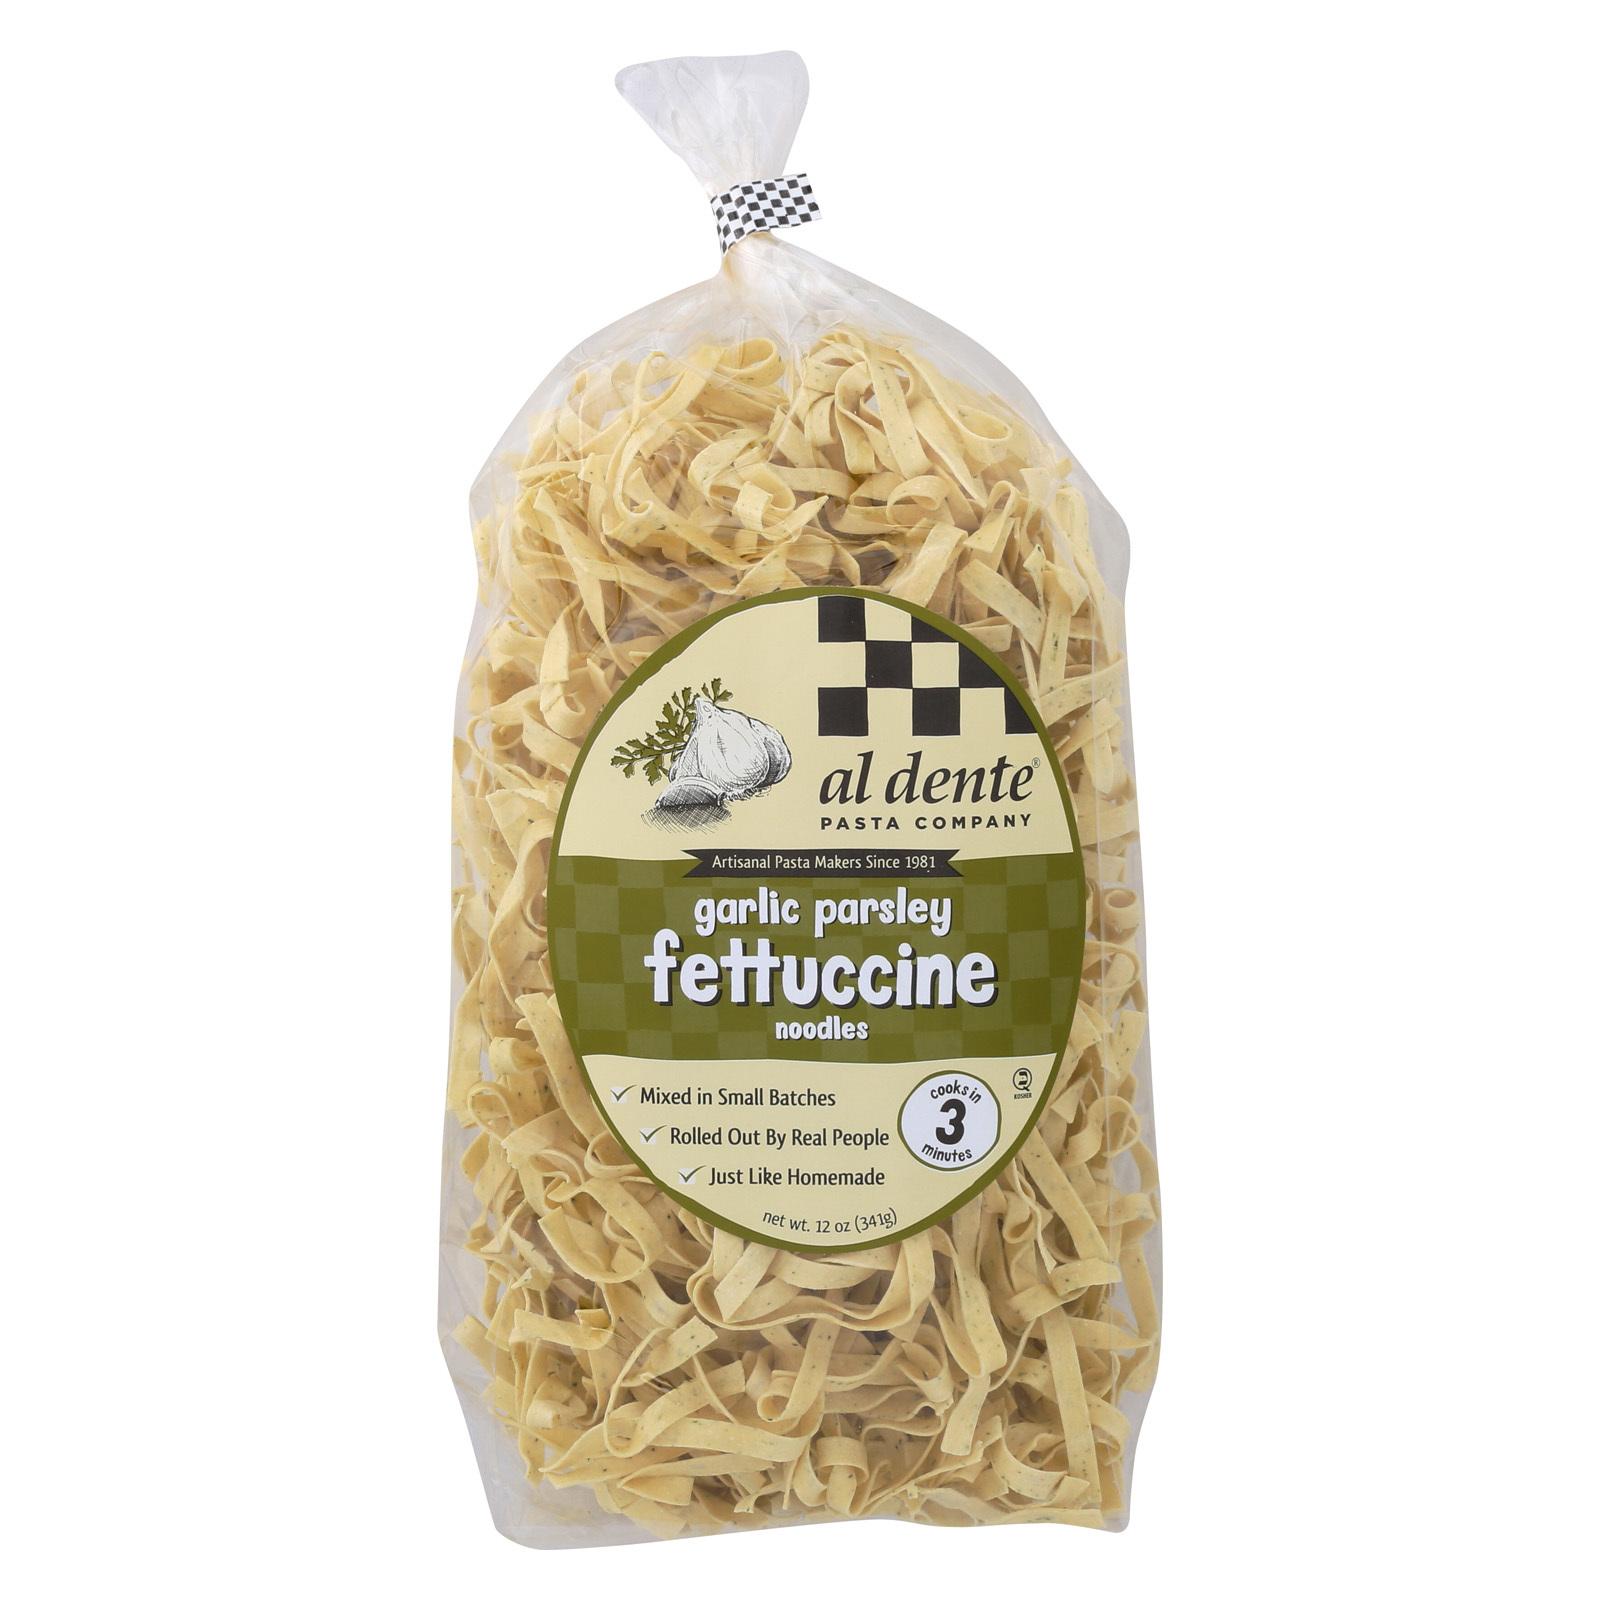 Al Dente Fettuccine - Garlic Parsley - Case of 6 - 12 oz.